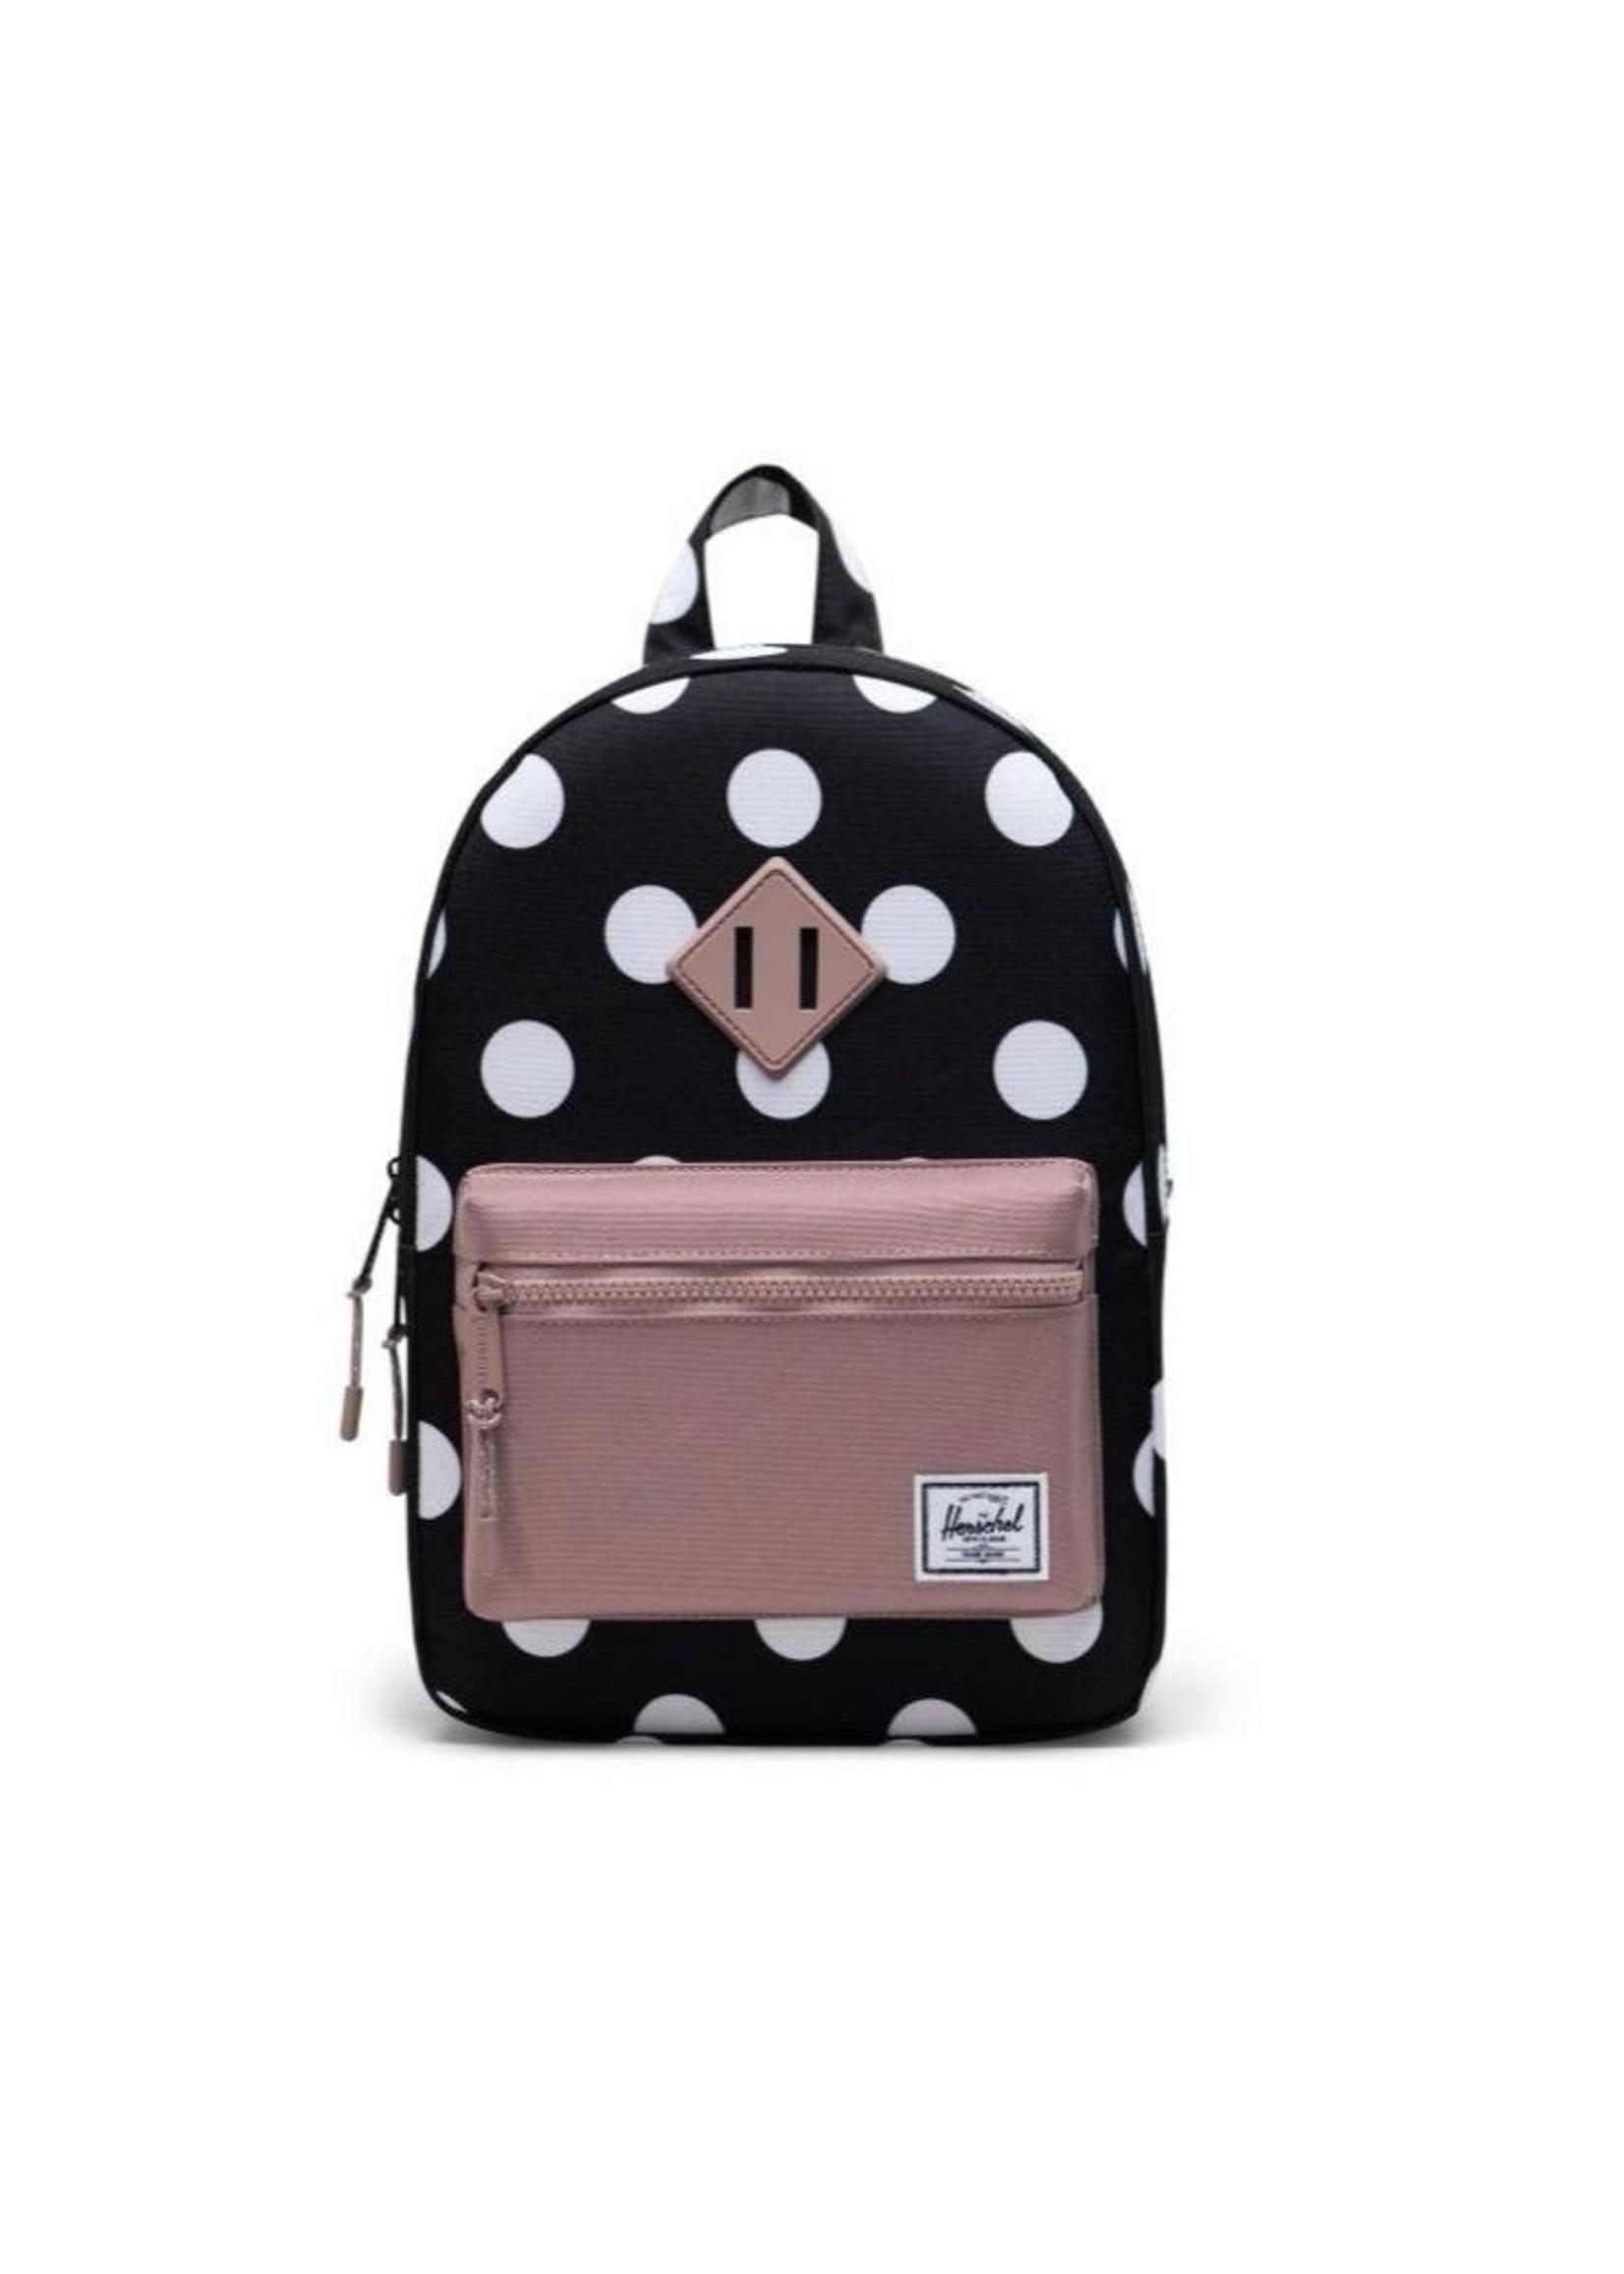 Herschel Supply Co. Heritage Backpack | Kids, Polka Dot Black and White/Ash Rose, 9L